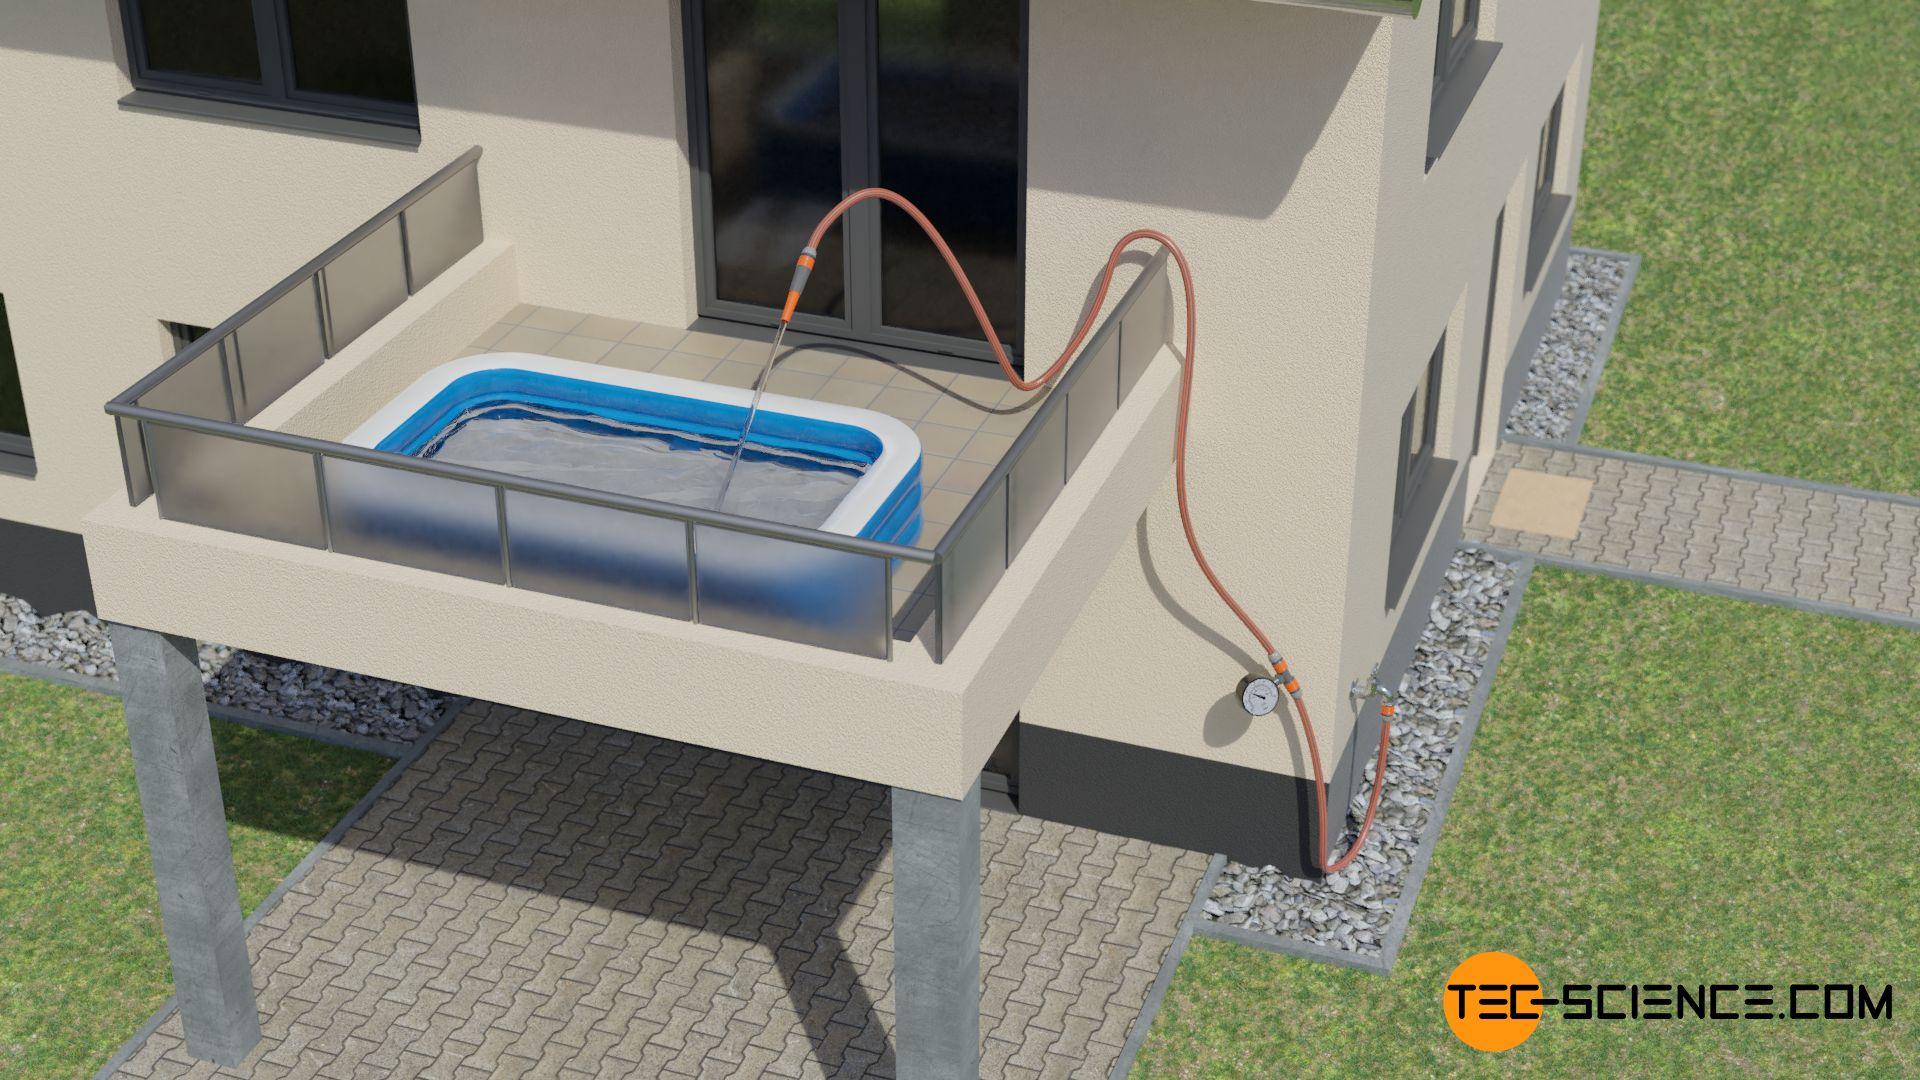 Befüllen eines höher gelegenen Pools